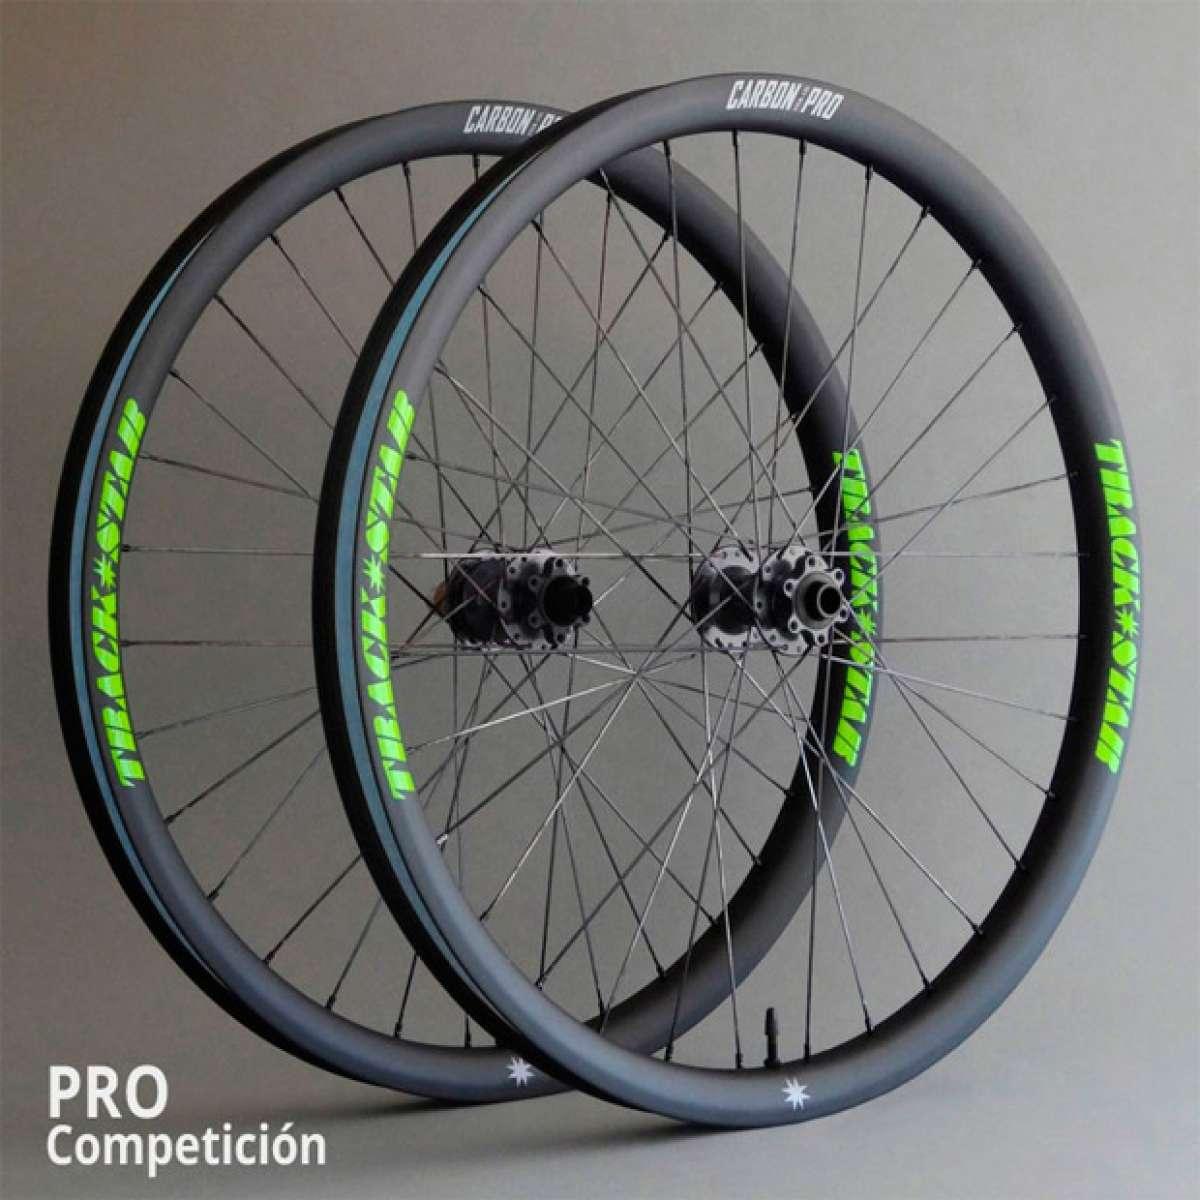 TrackStar Enduro PRO, nuevas ruedas de carbono con perfil ancho destinadas a la competición